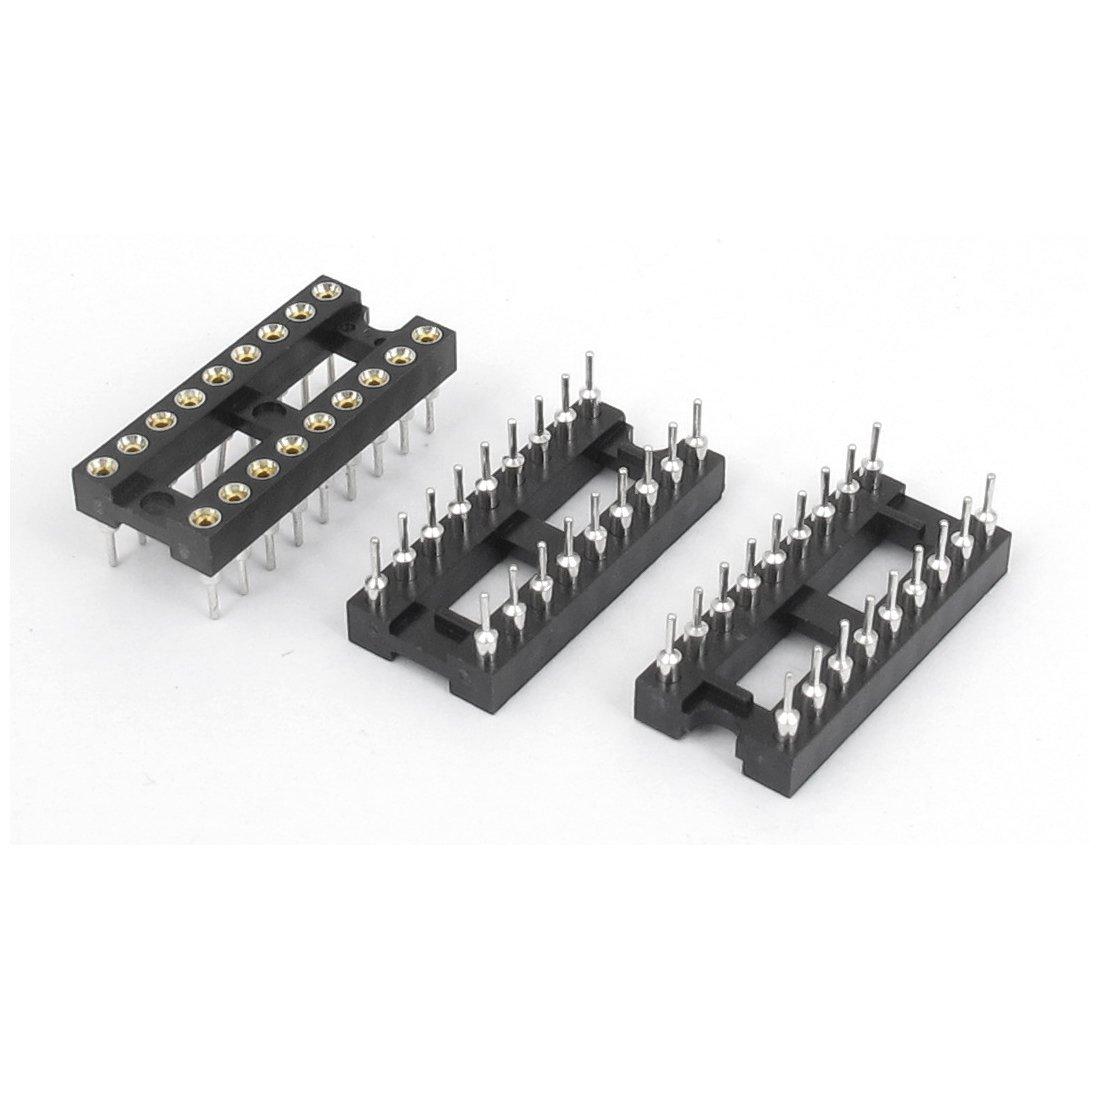 Soldadura Tipo 2 Fila 18 pines de circuitos integrados DIP Zócalos CI 3PCS: Amazon.es: Electrónica